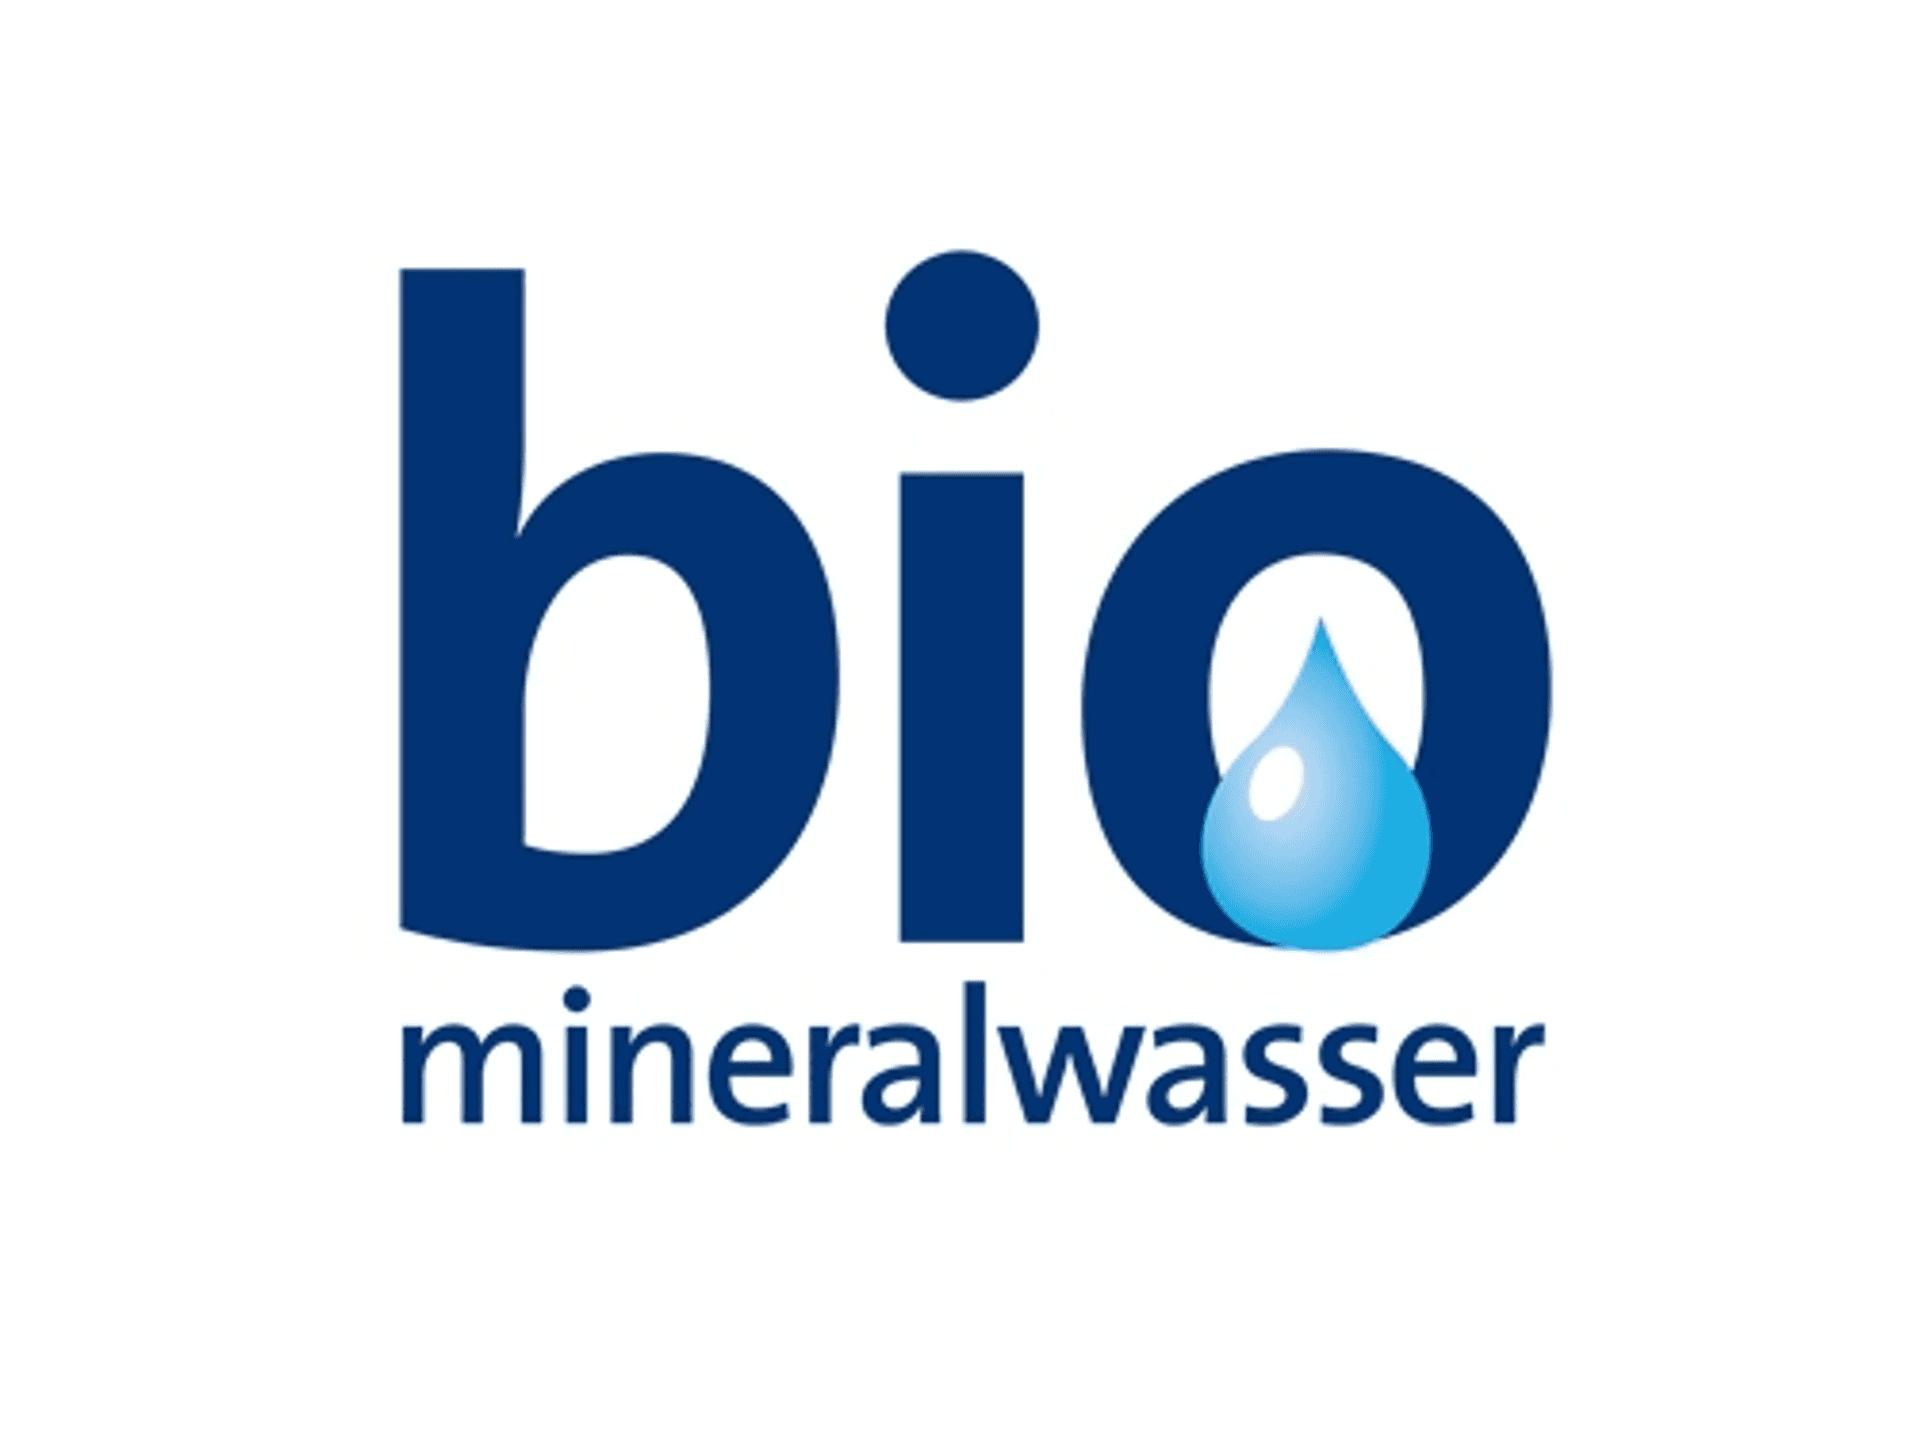 Bio Mineralwasser Siegel c qualitaetsgemeinschaftbiomineralwasser